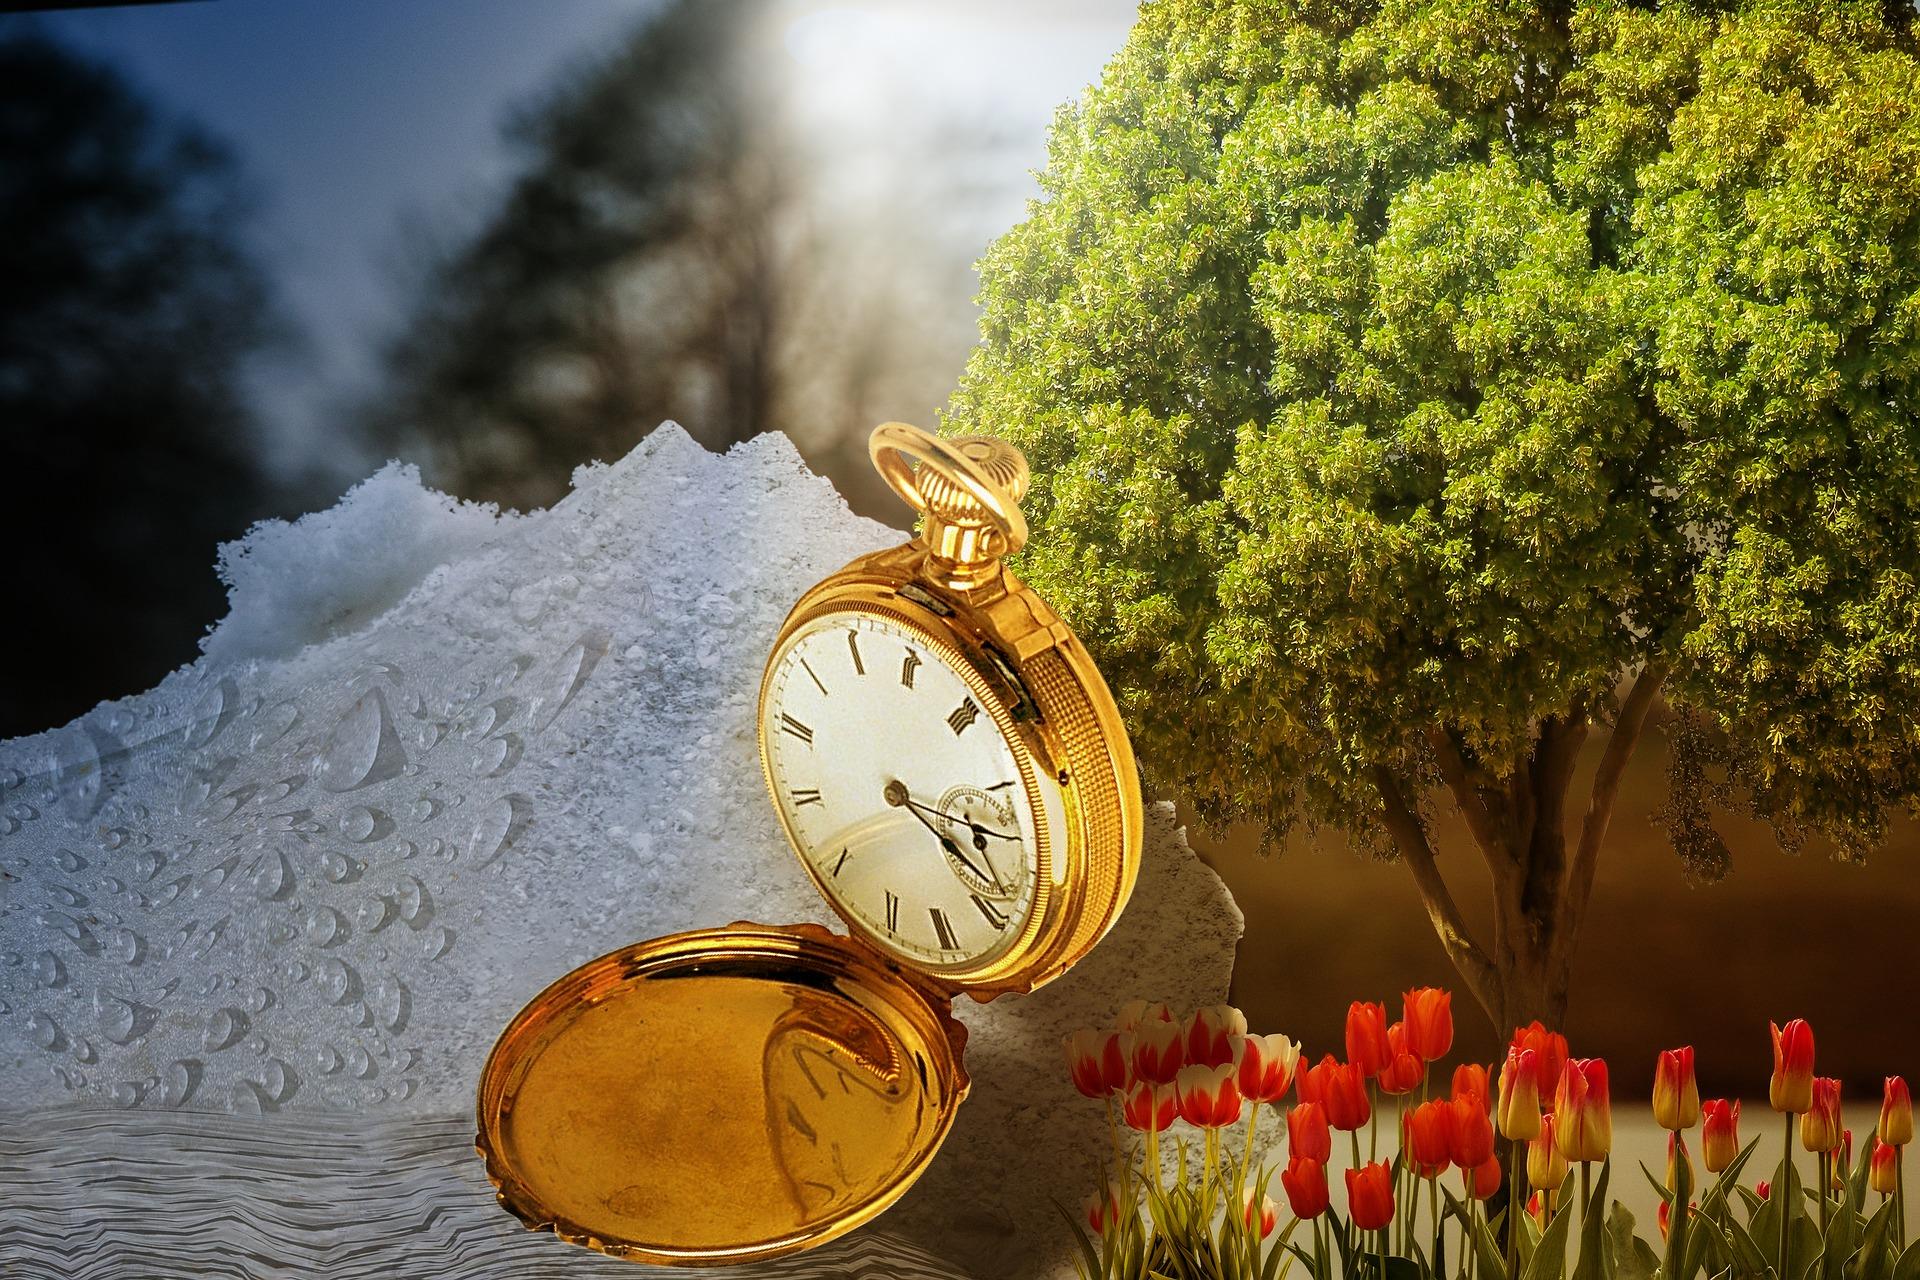 Wintertijd Klok Achteruit Medicijnen Gewoon Op Dezelfde Tijd